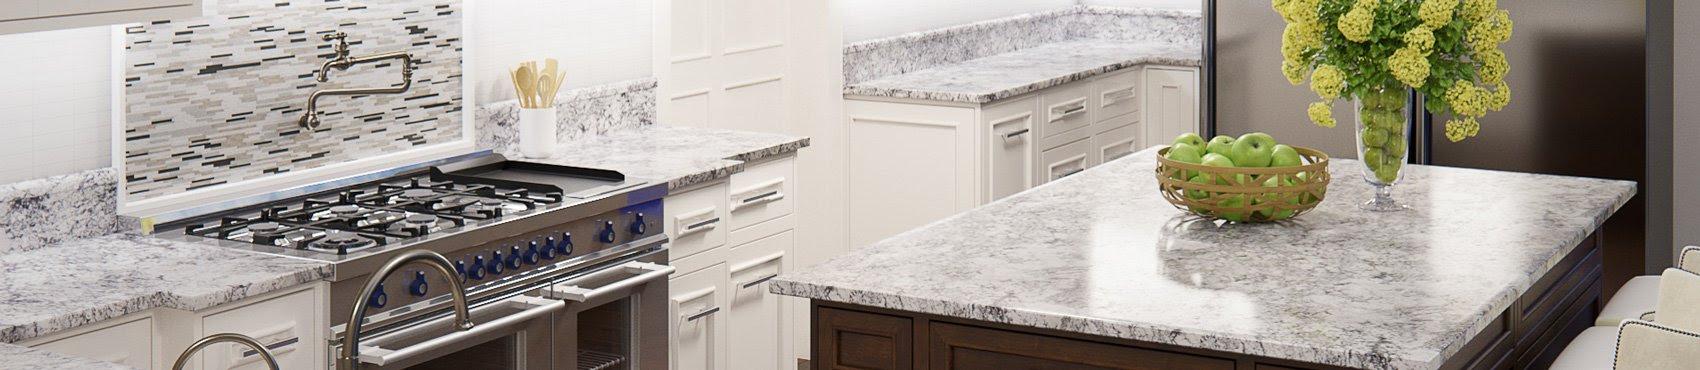 Slab Granite Countertops Crystal Couloir Granite